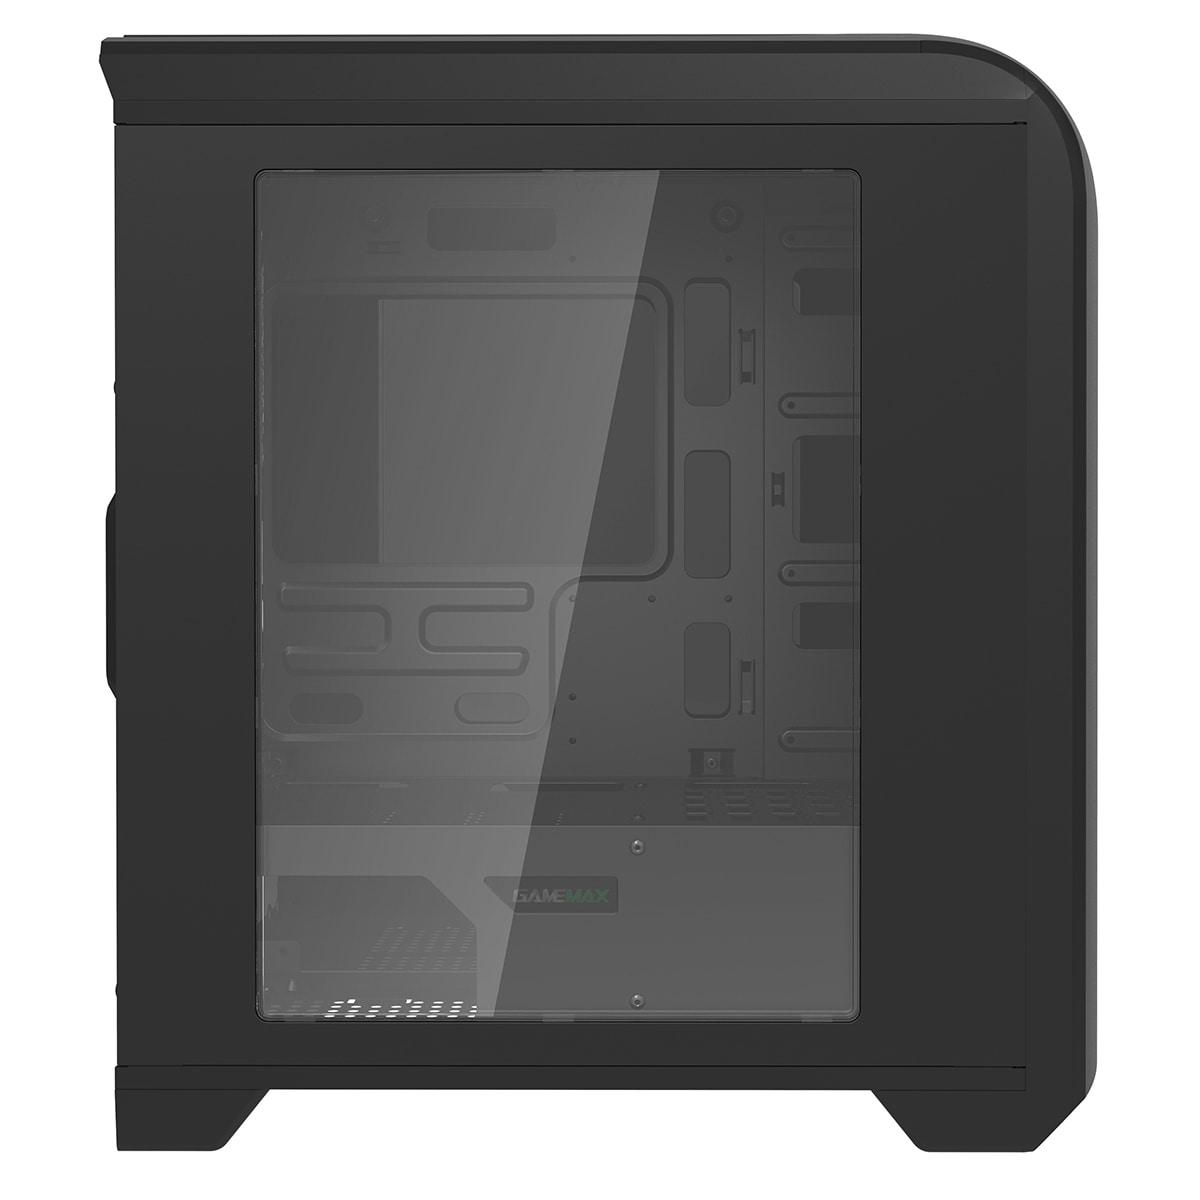 Fierce Enforcer Gaming PC, Fast AMD Ryzen 5 2600 3.9GHz, 1TB HDD, 8GB RAM, GTX 1660 6GB - 2